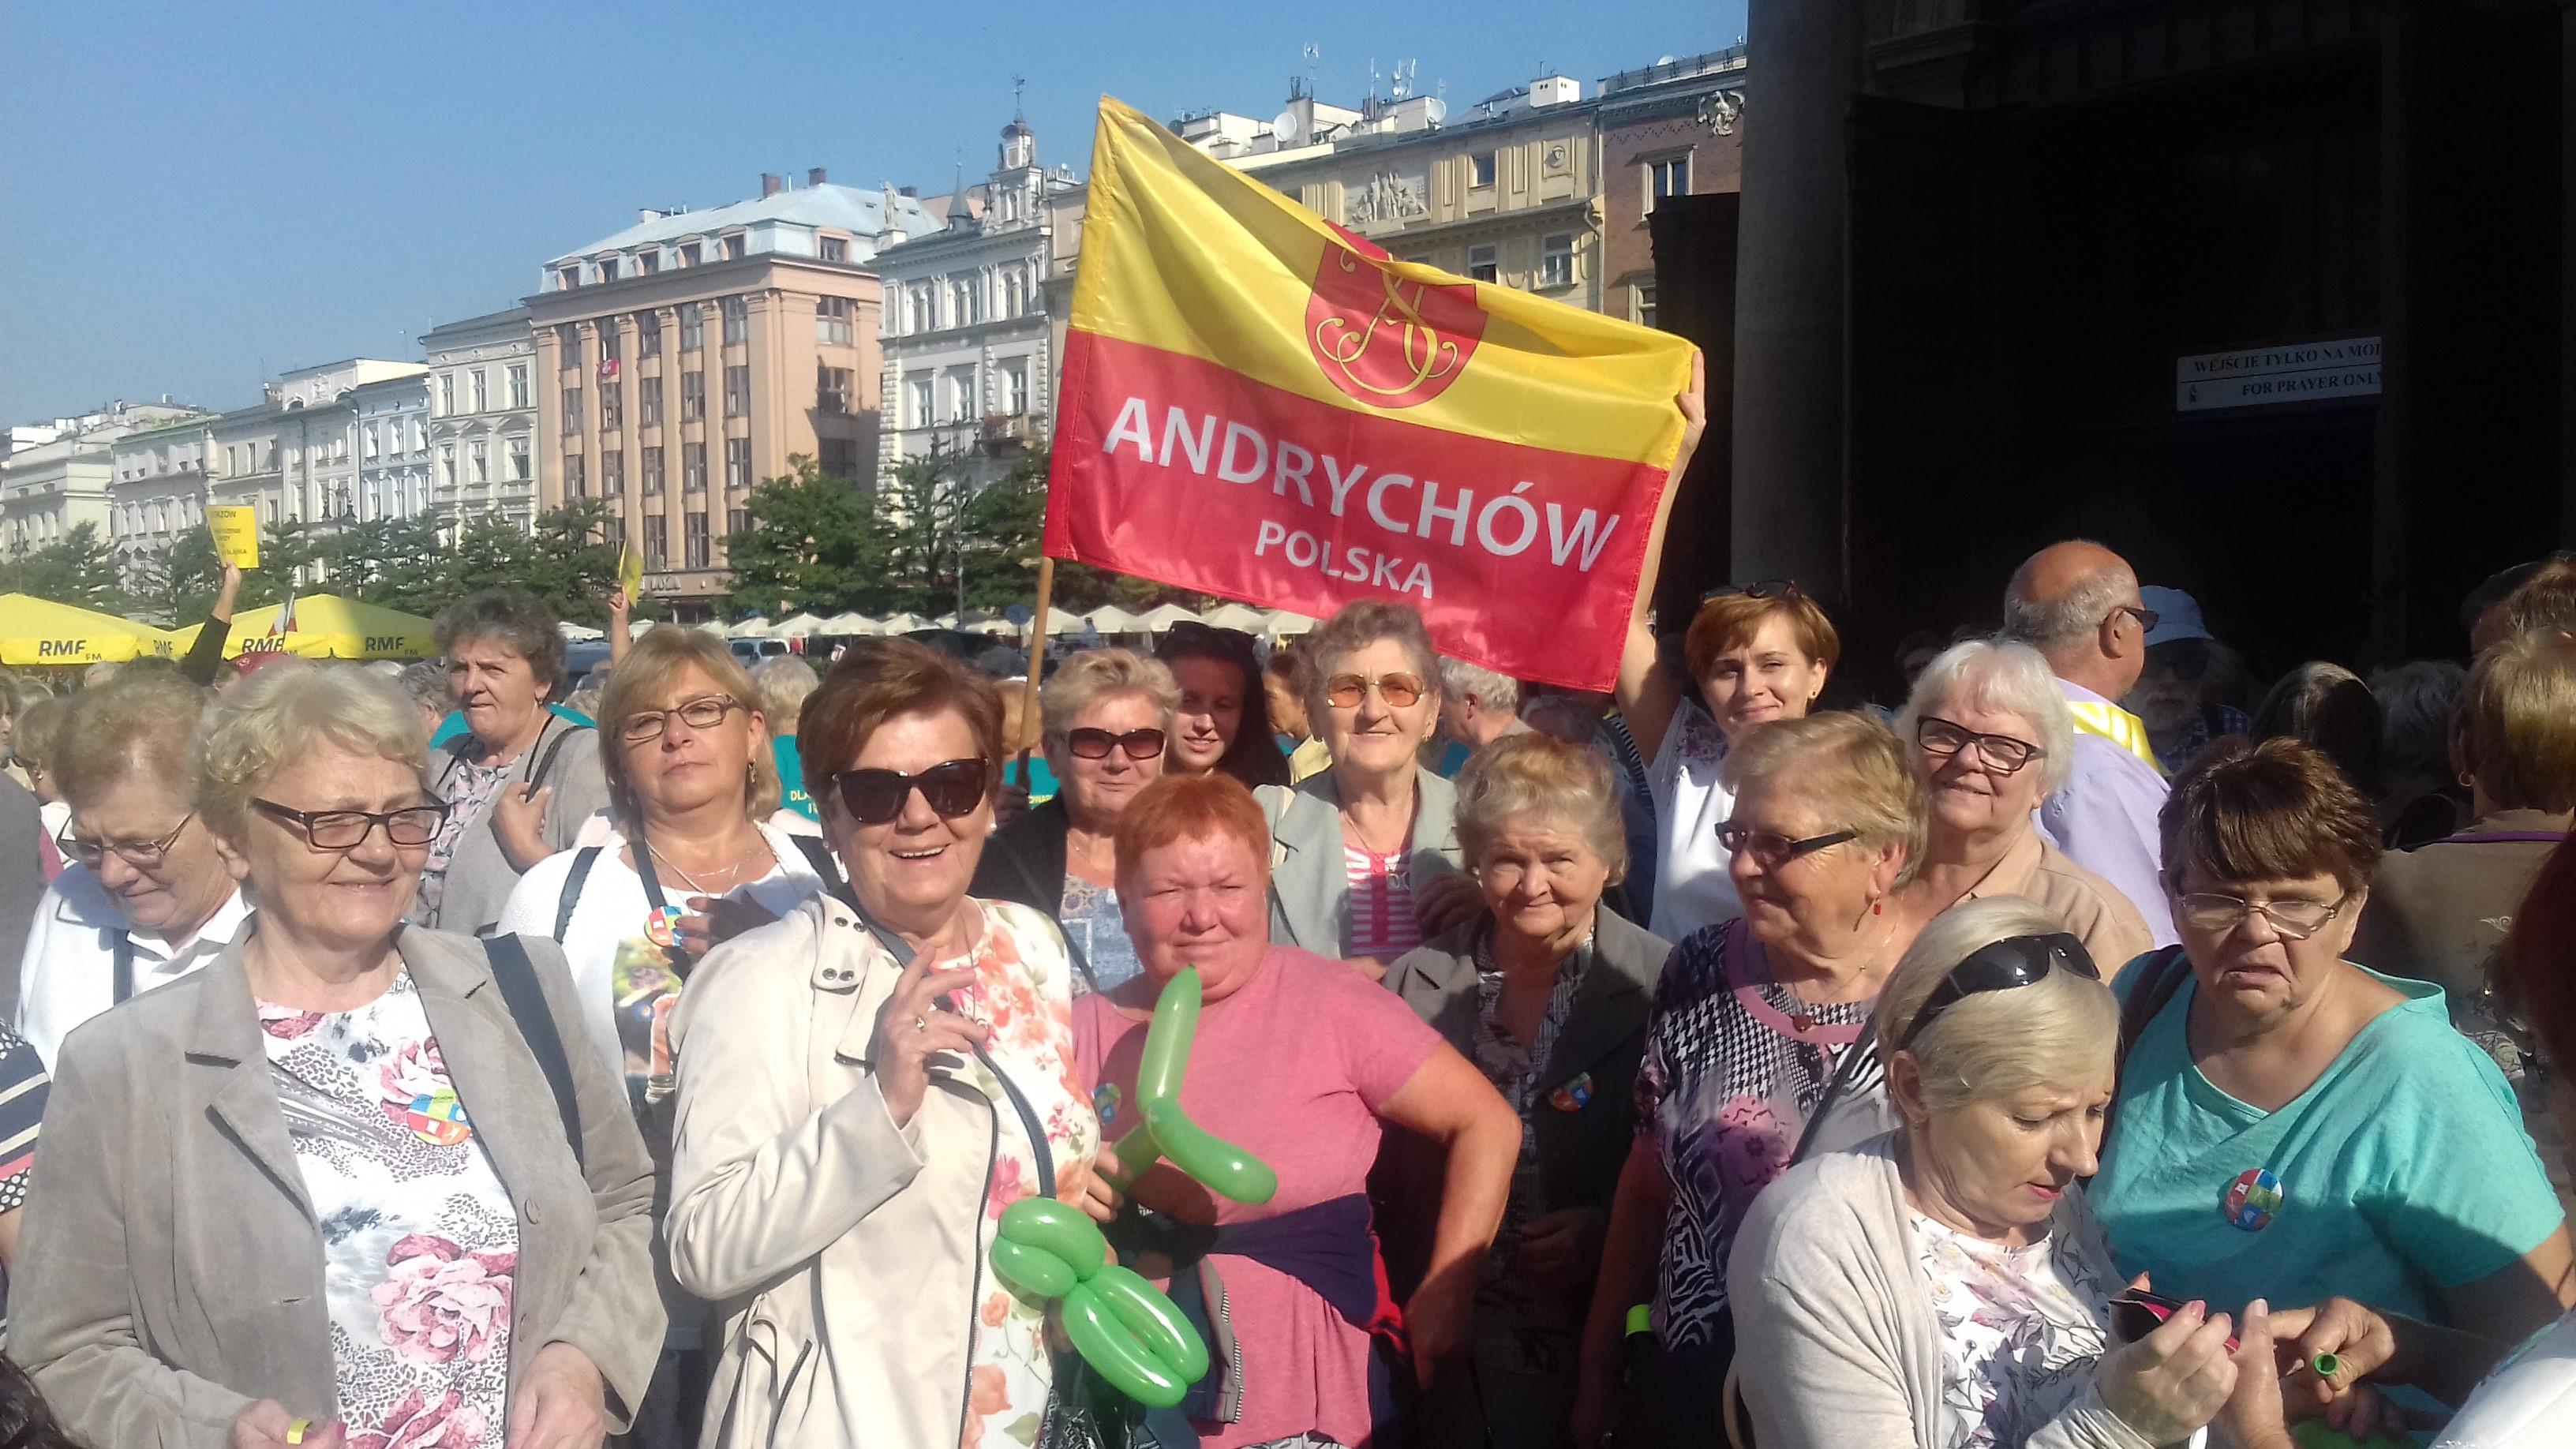 Zdjęcie grupy seniorów stojących na Rynku Głównym w Krakowie. Trzymają żółto-czerwoną flagę z herbem Andrychowa i napisem Andrychów Polska.